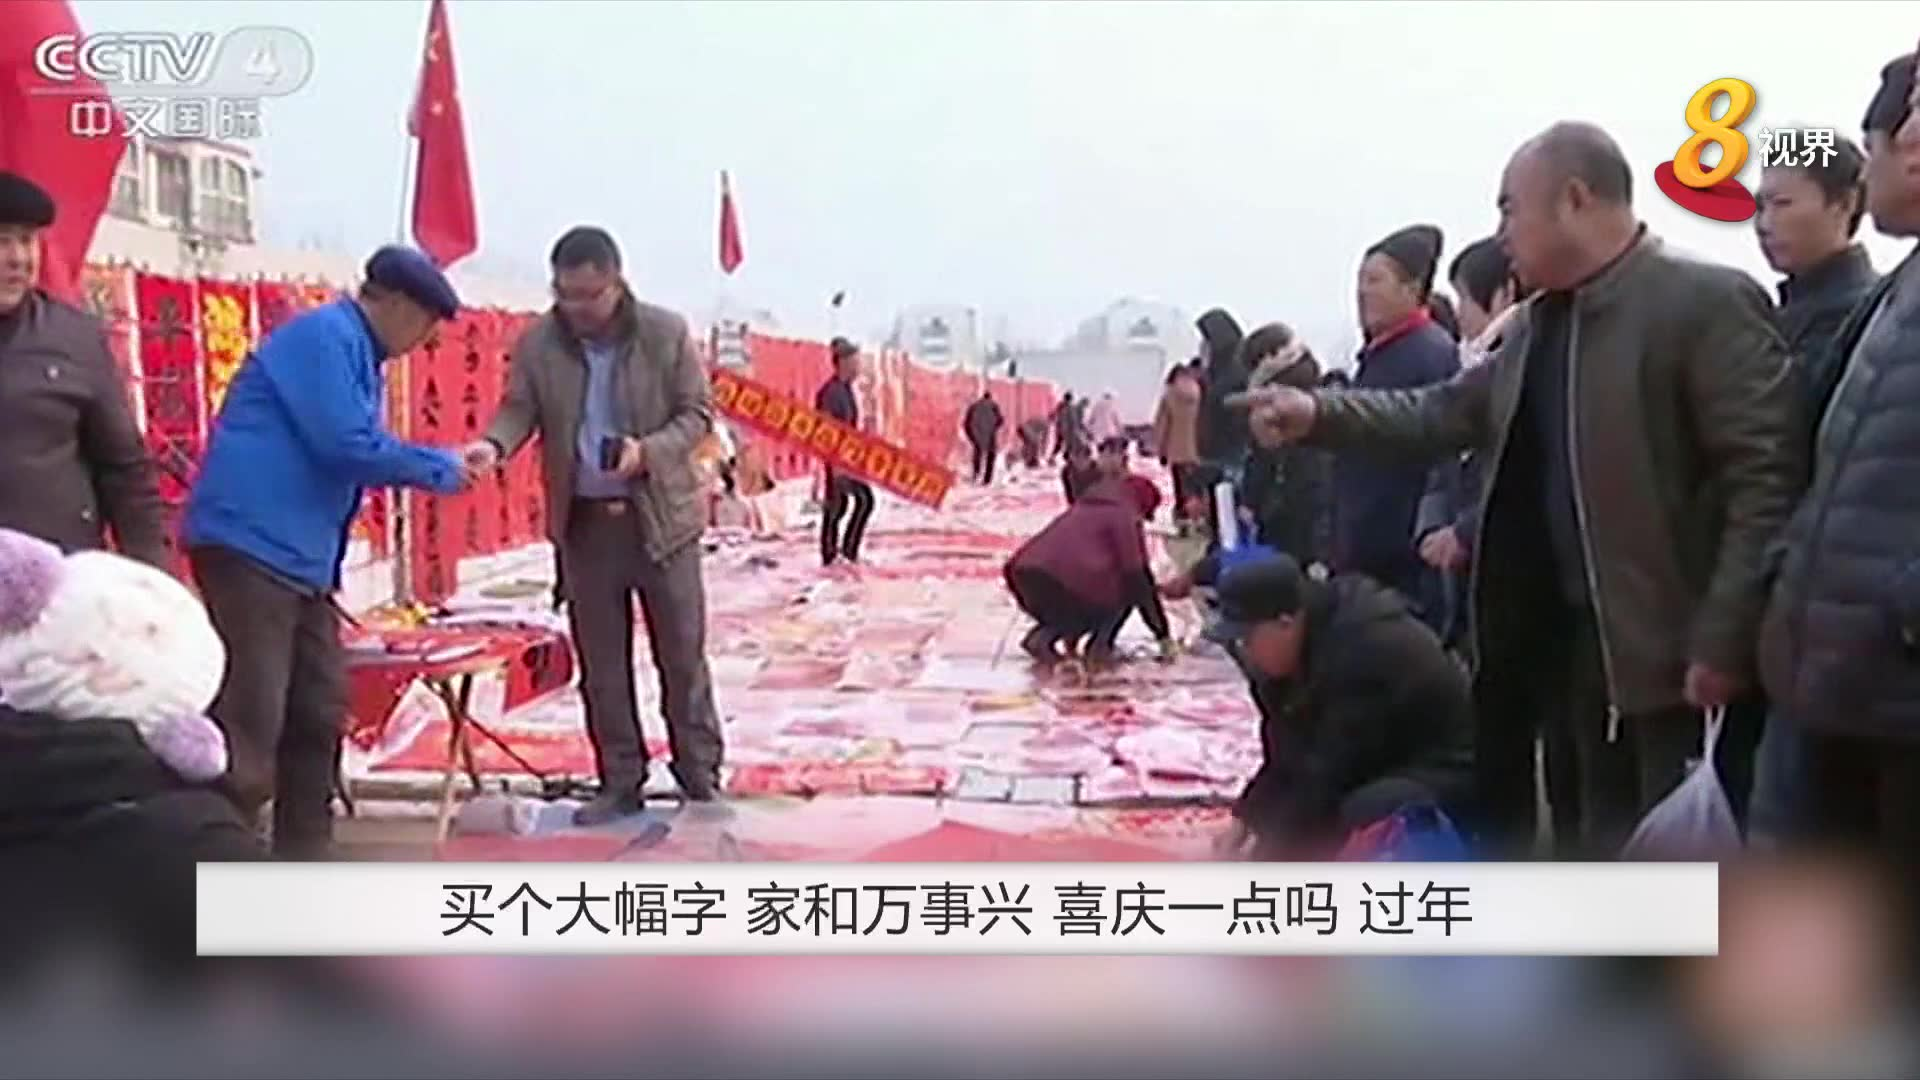 中国百姓节前大采购 市场供销两旺